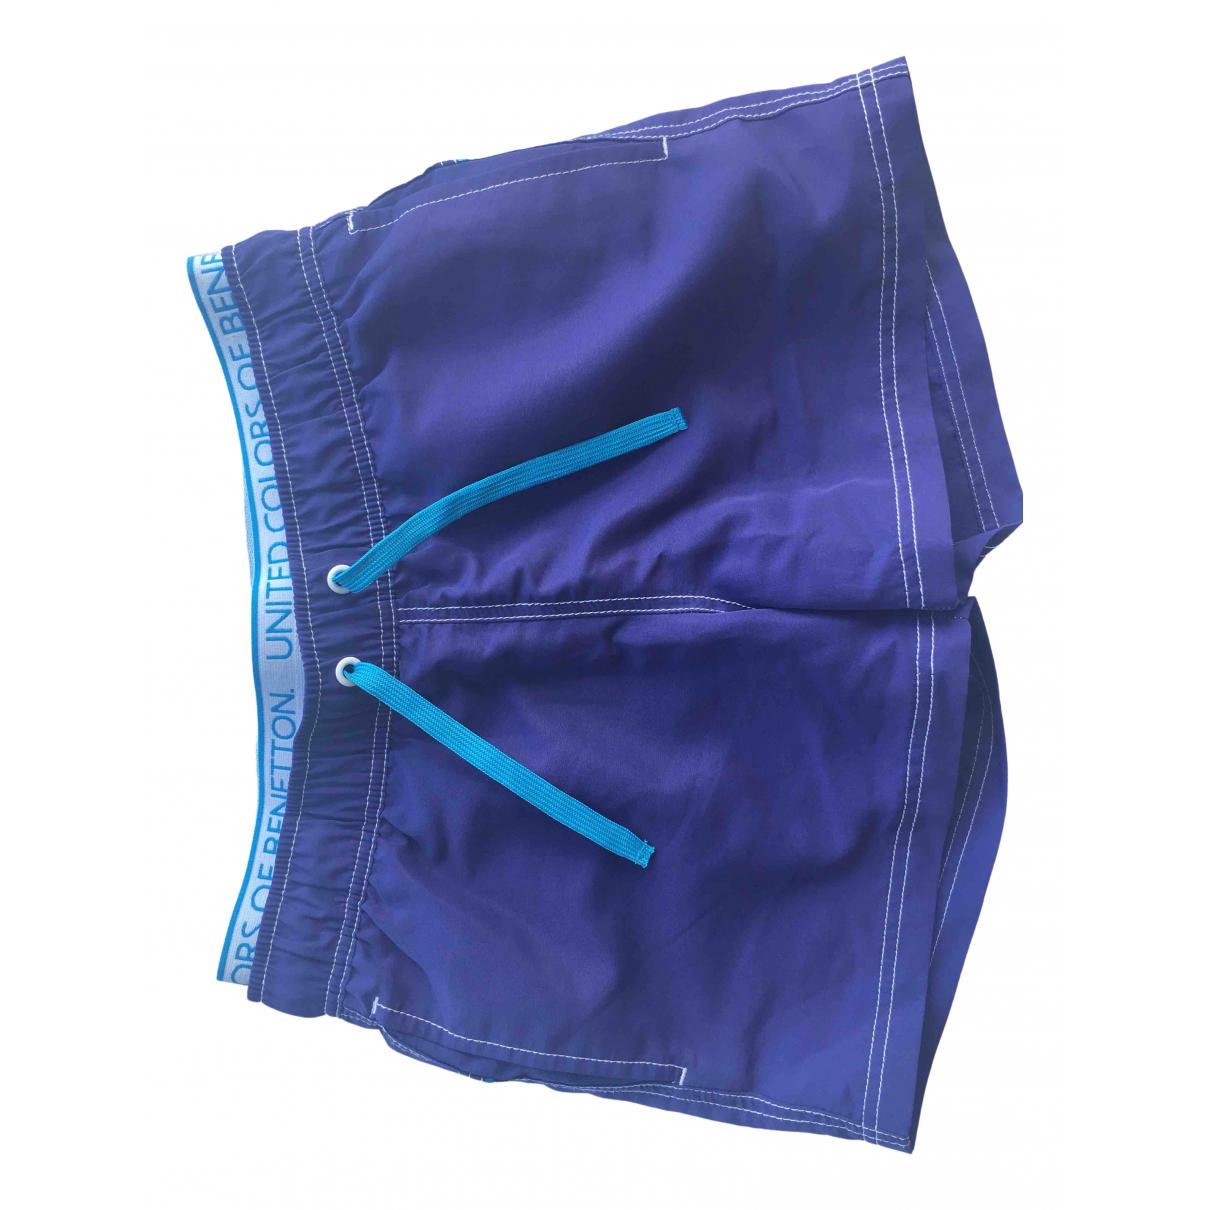 Benetton - Short   pour enfant - bleu